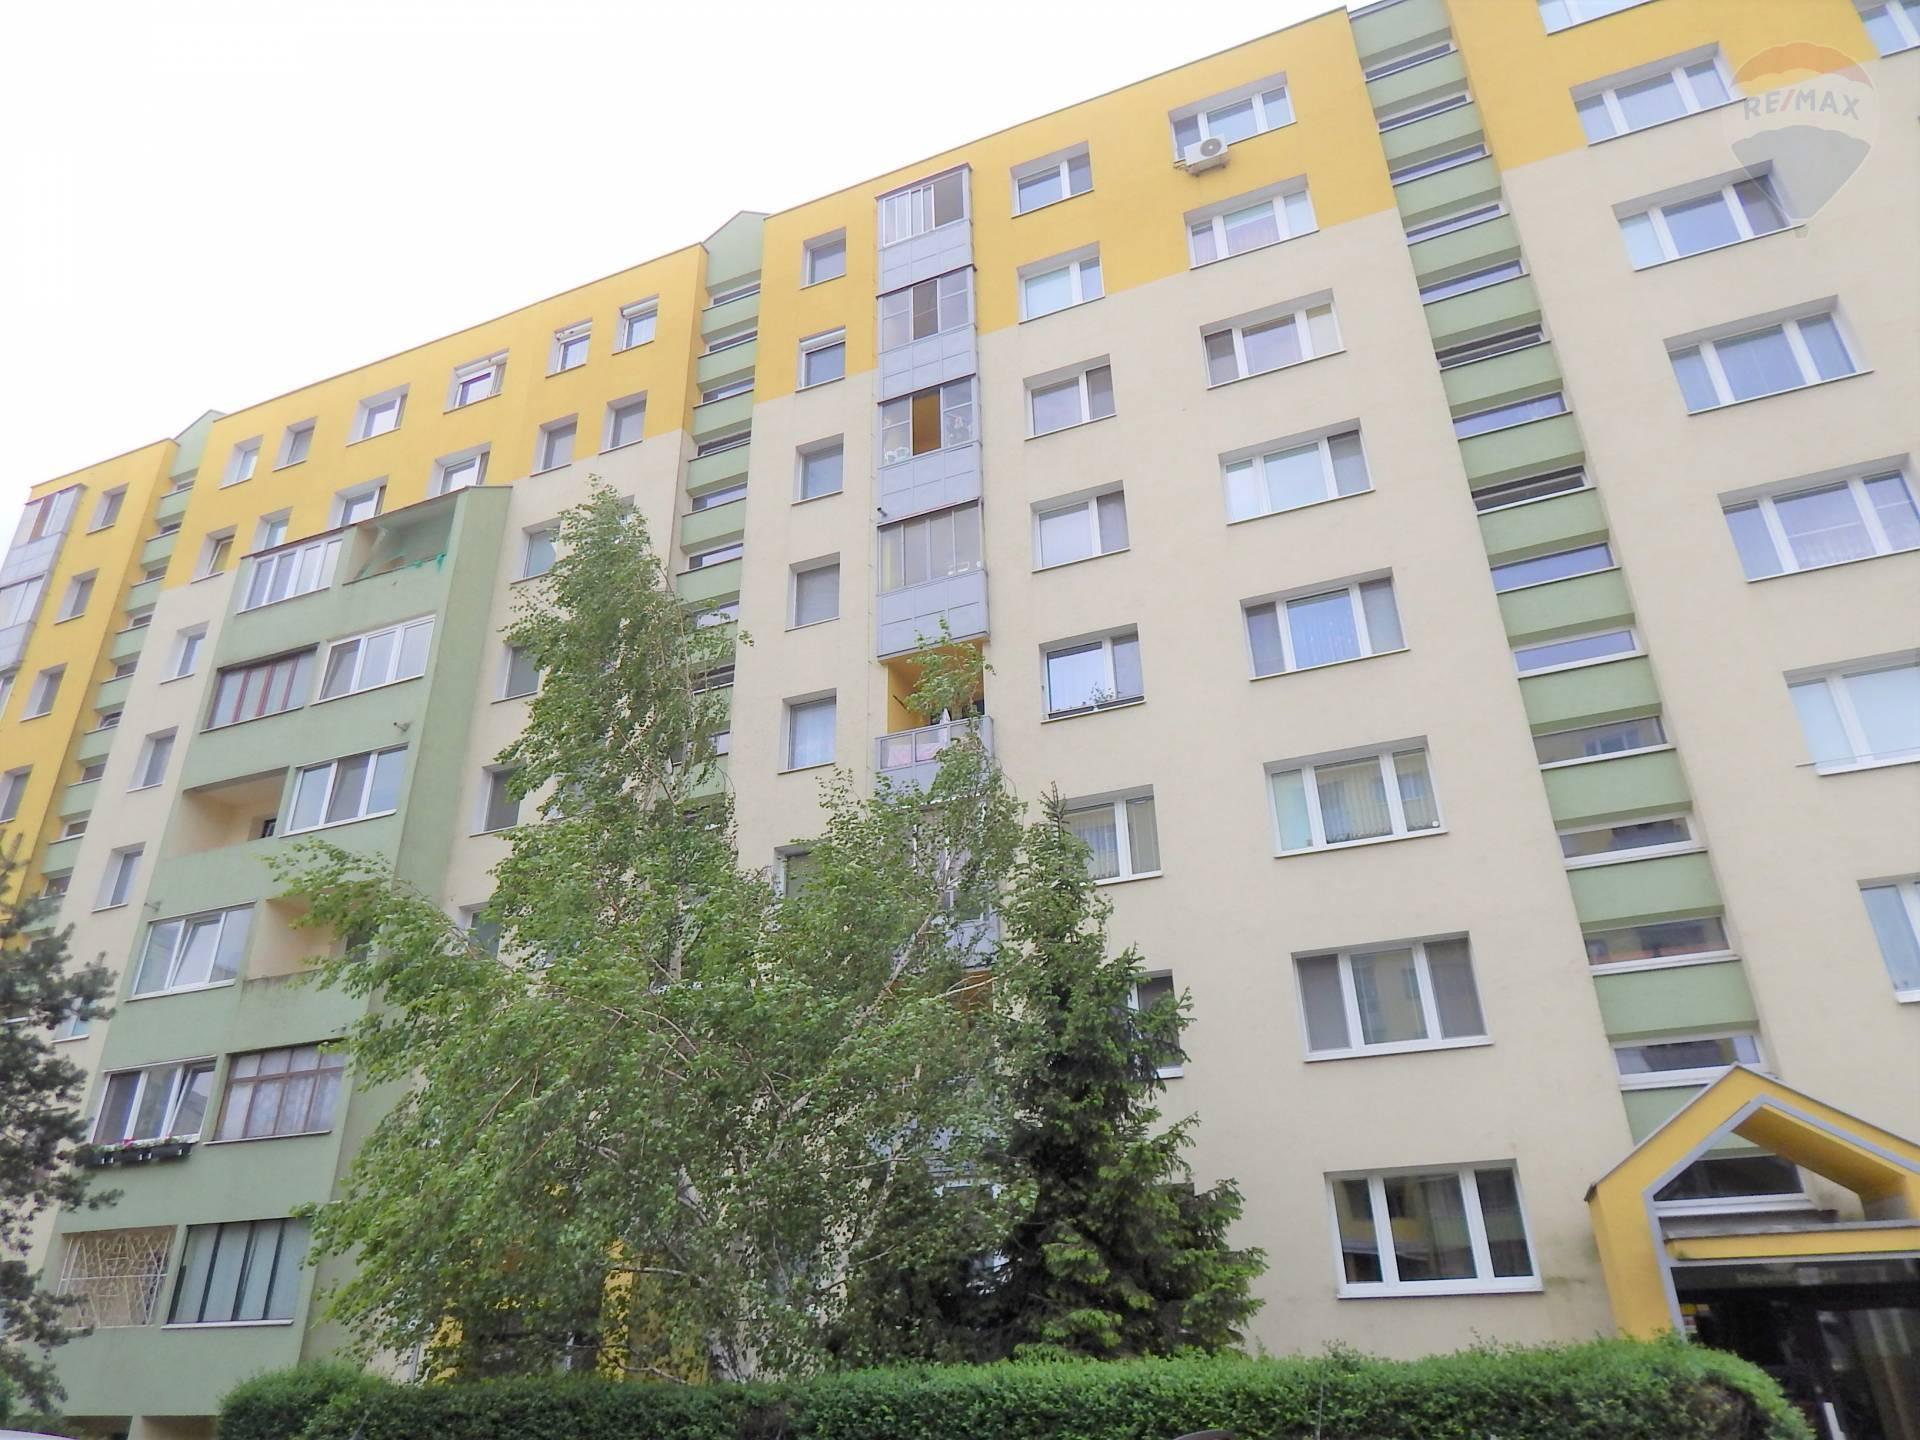 Predaj:Slnečný 4i-byt s lodžiou (úžitkov plocha 89m2+3,5m2 lodžia)